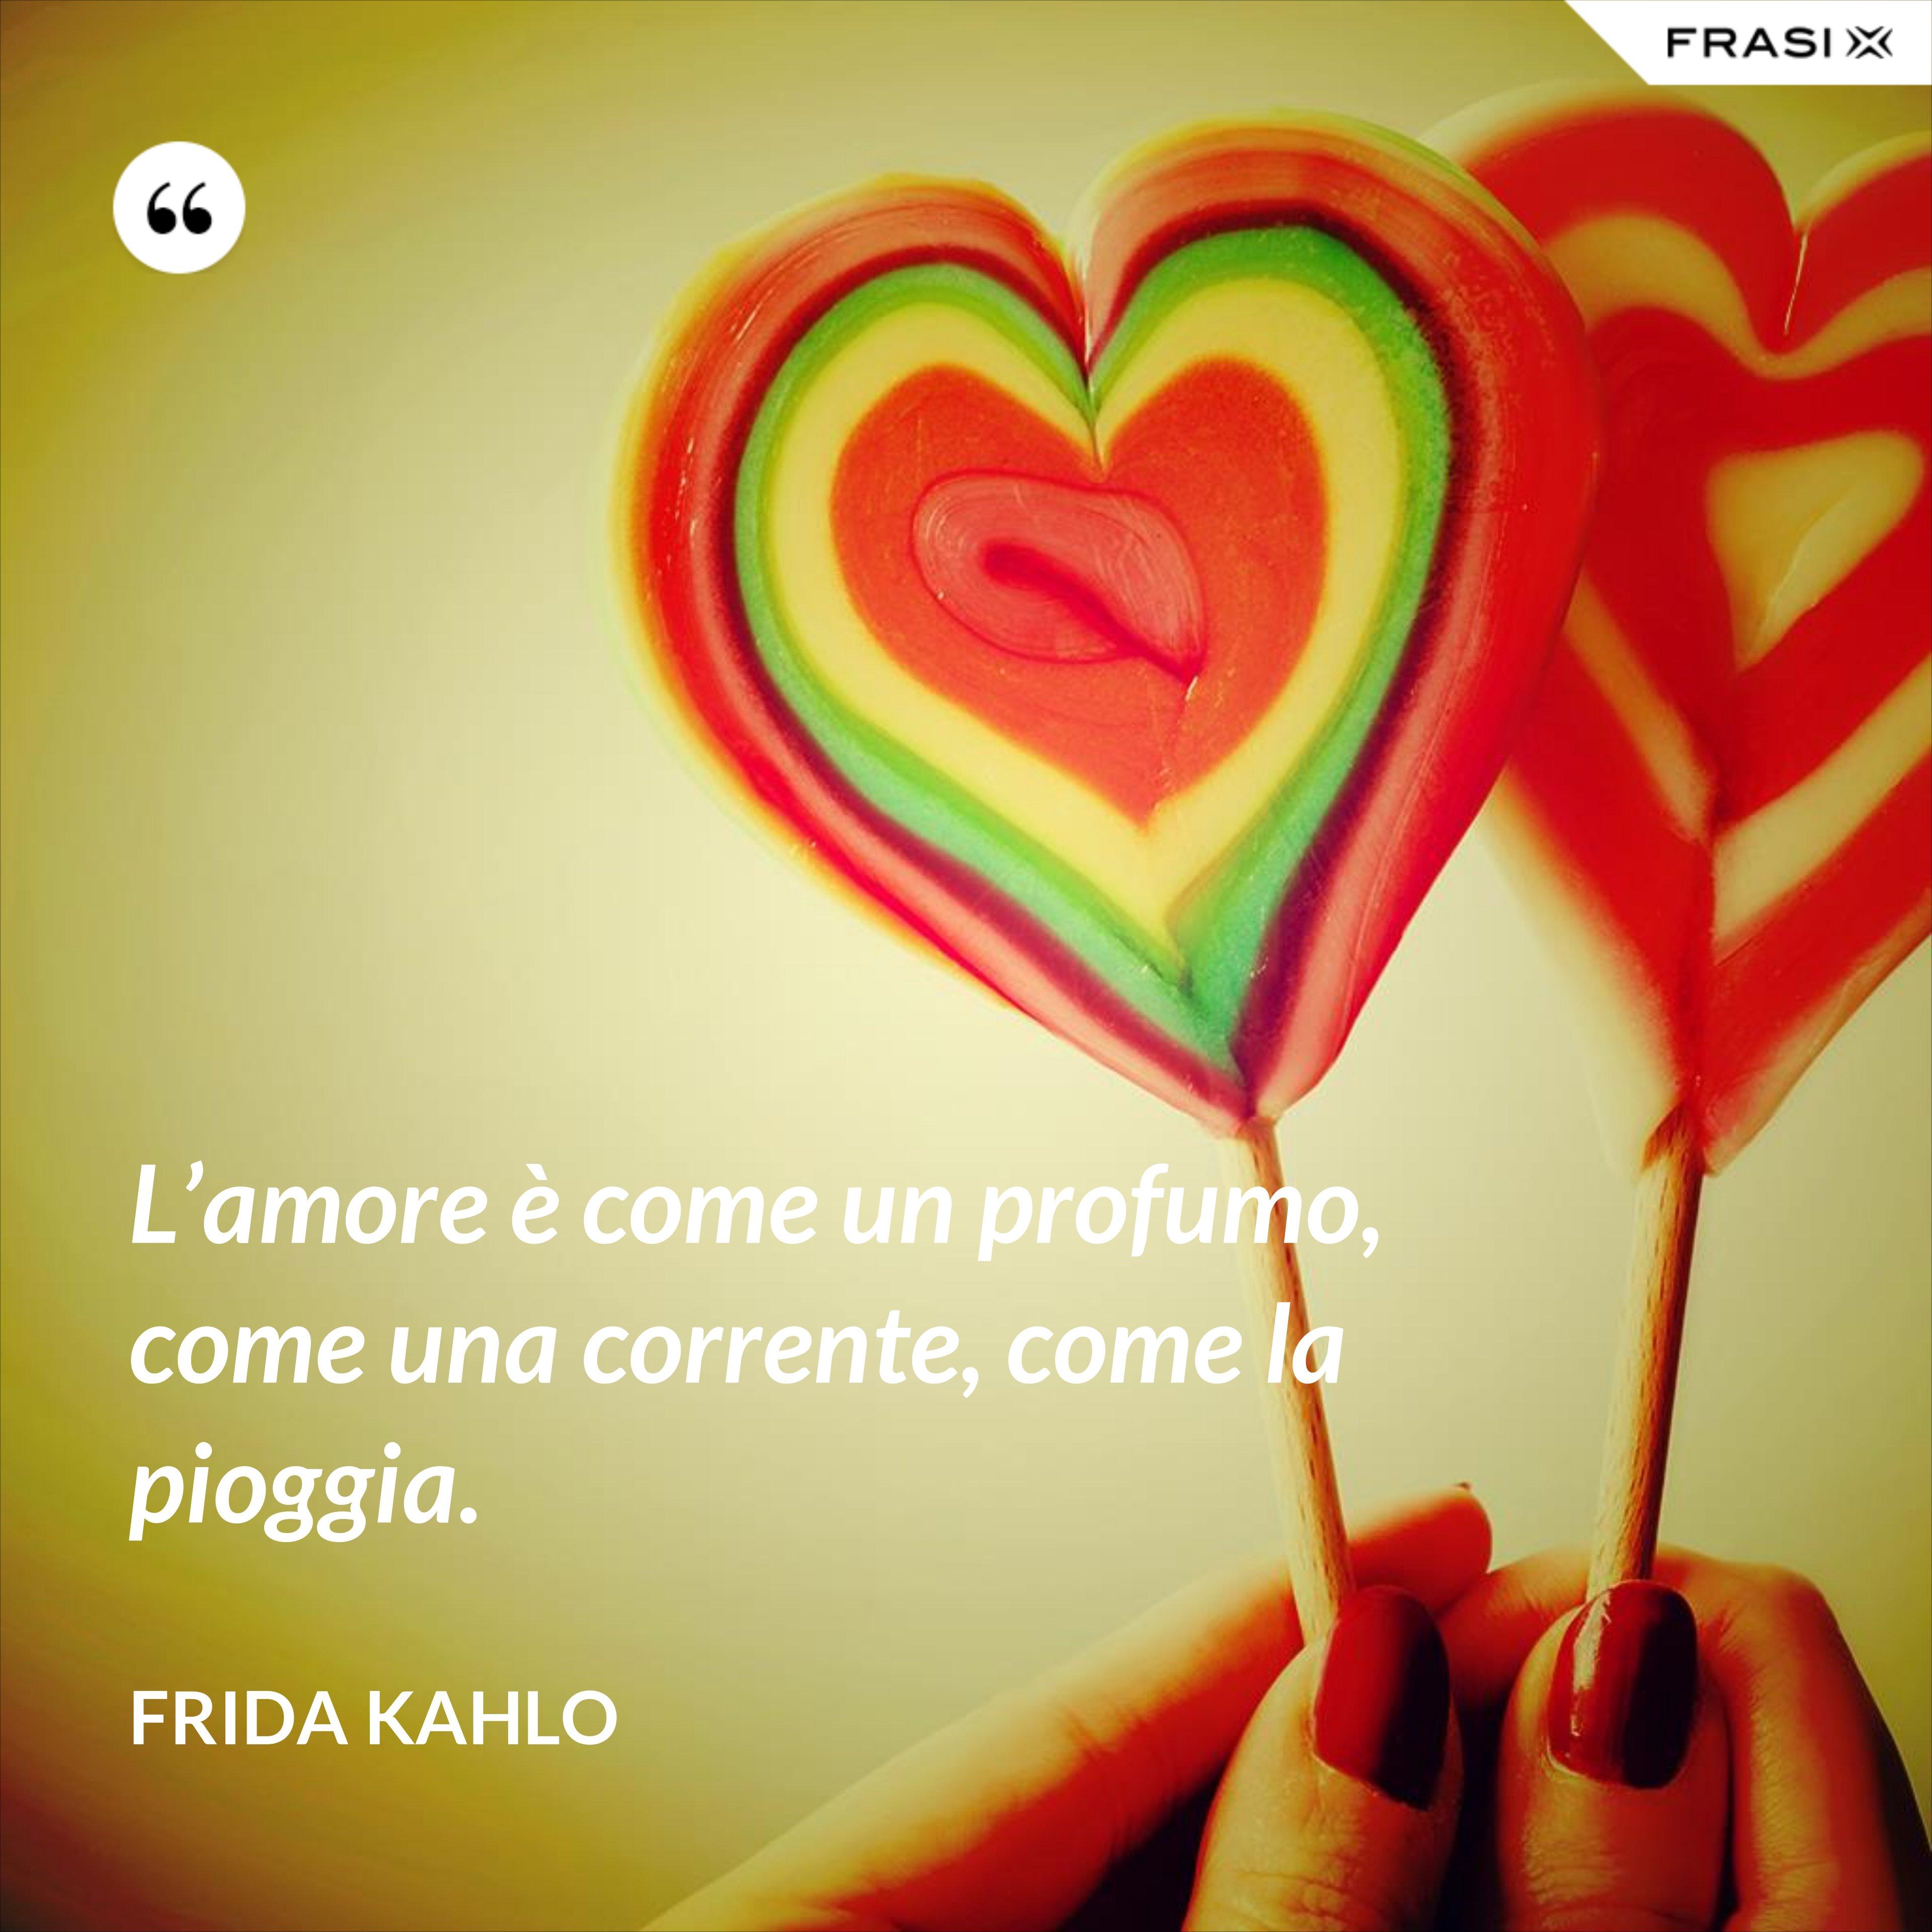 L'amore è come un profumo, come una corrente, come la pioggia. - Frida Kahlo